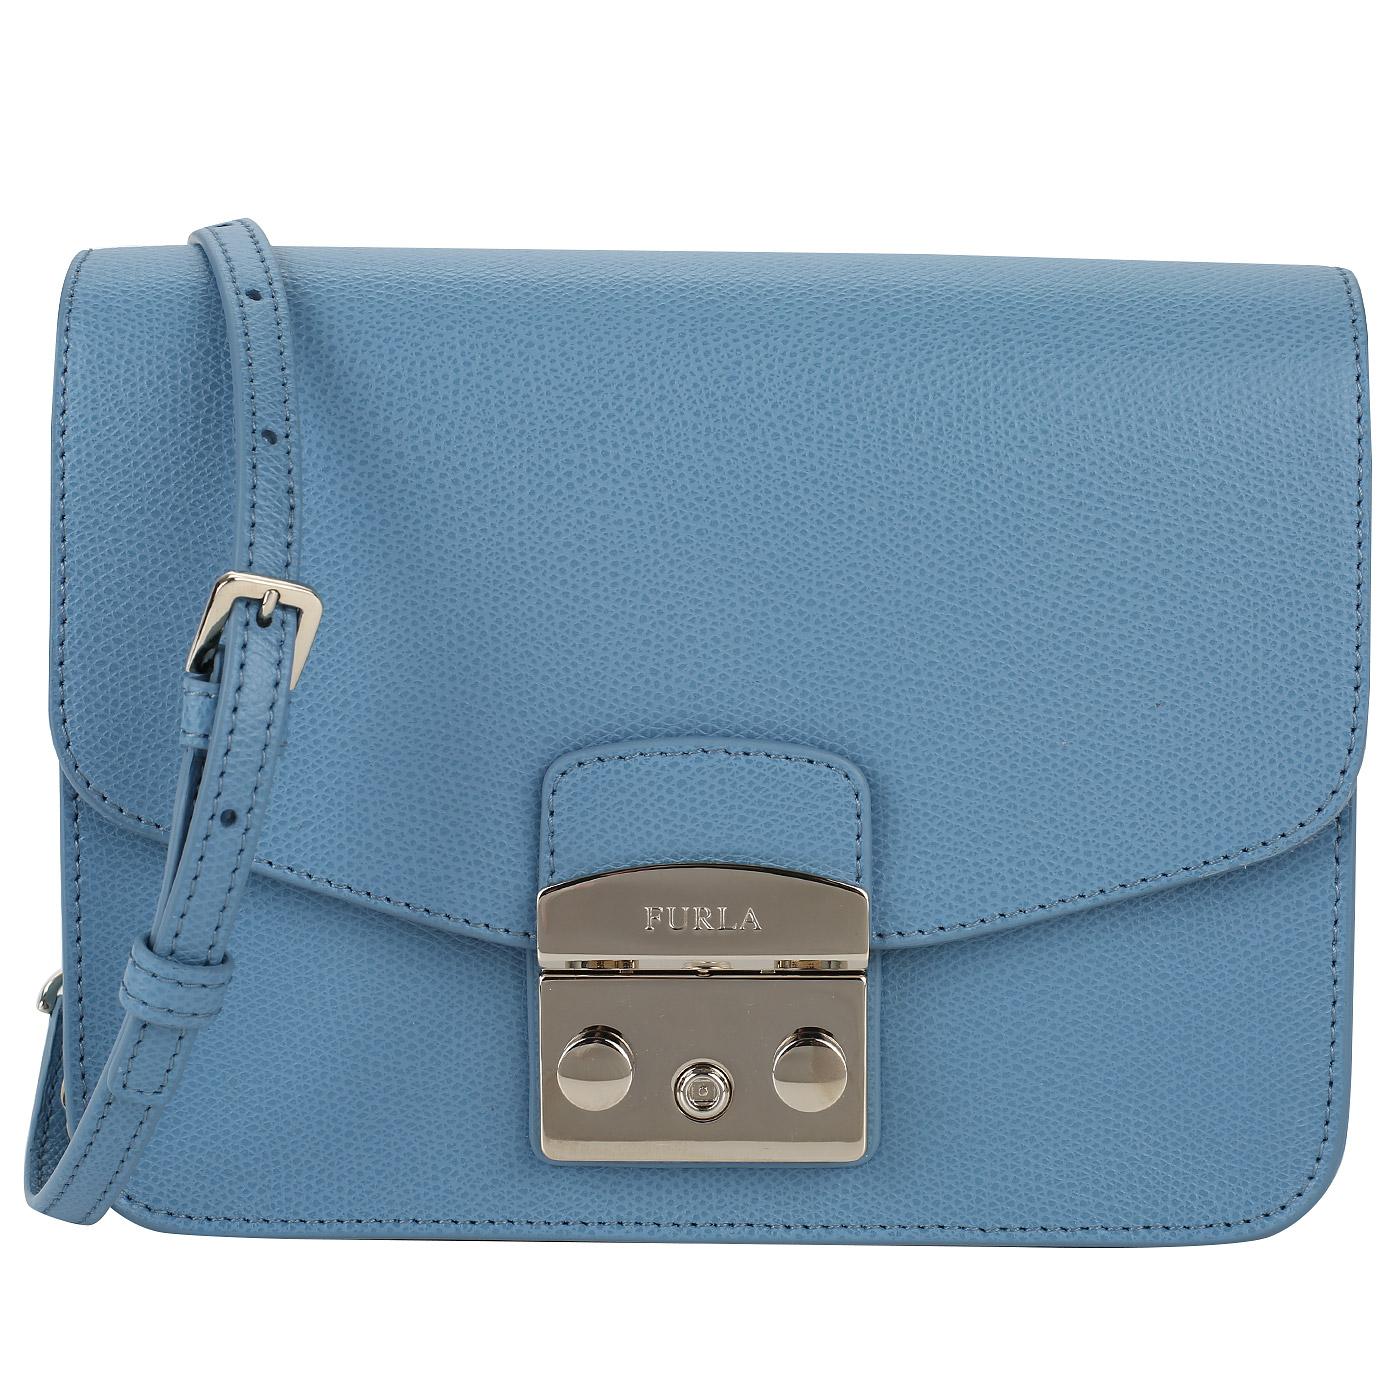 f9491884009d Маленькая сумочка из натуральной кожи Furla Metropolis Маленькая сумочка из  натуральной кожи Furla Metropolis ...